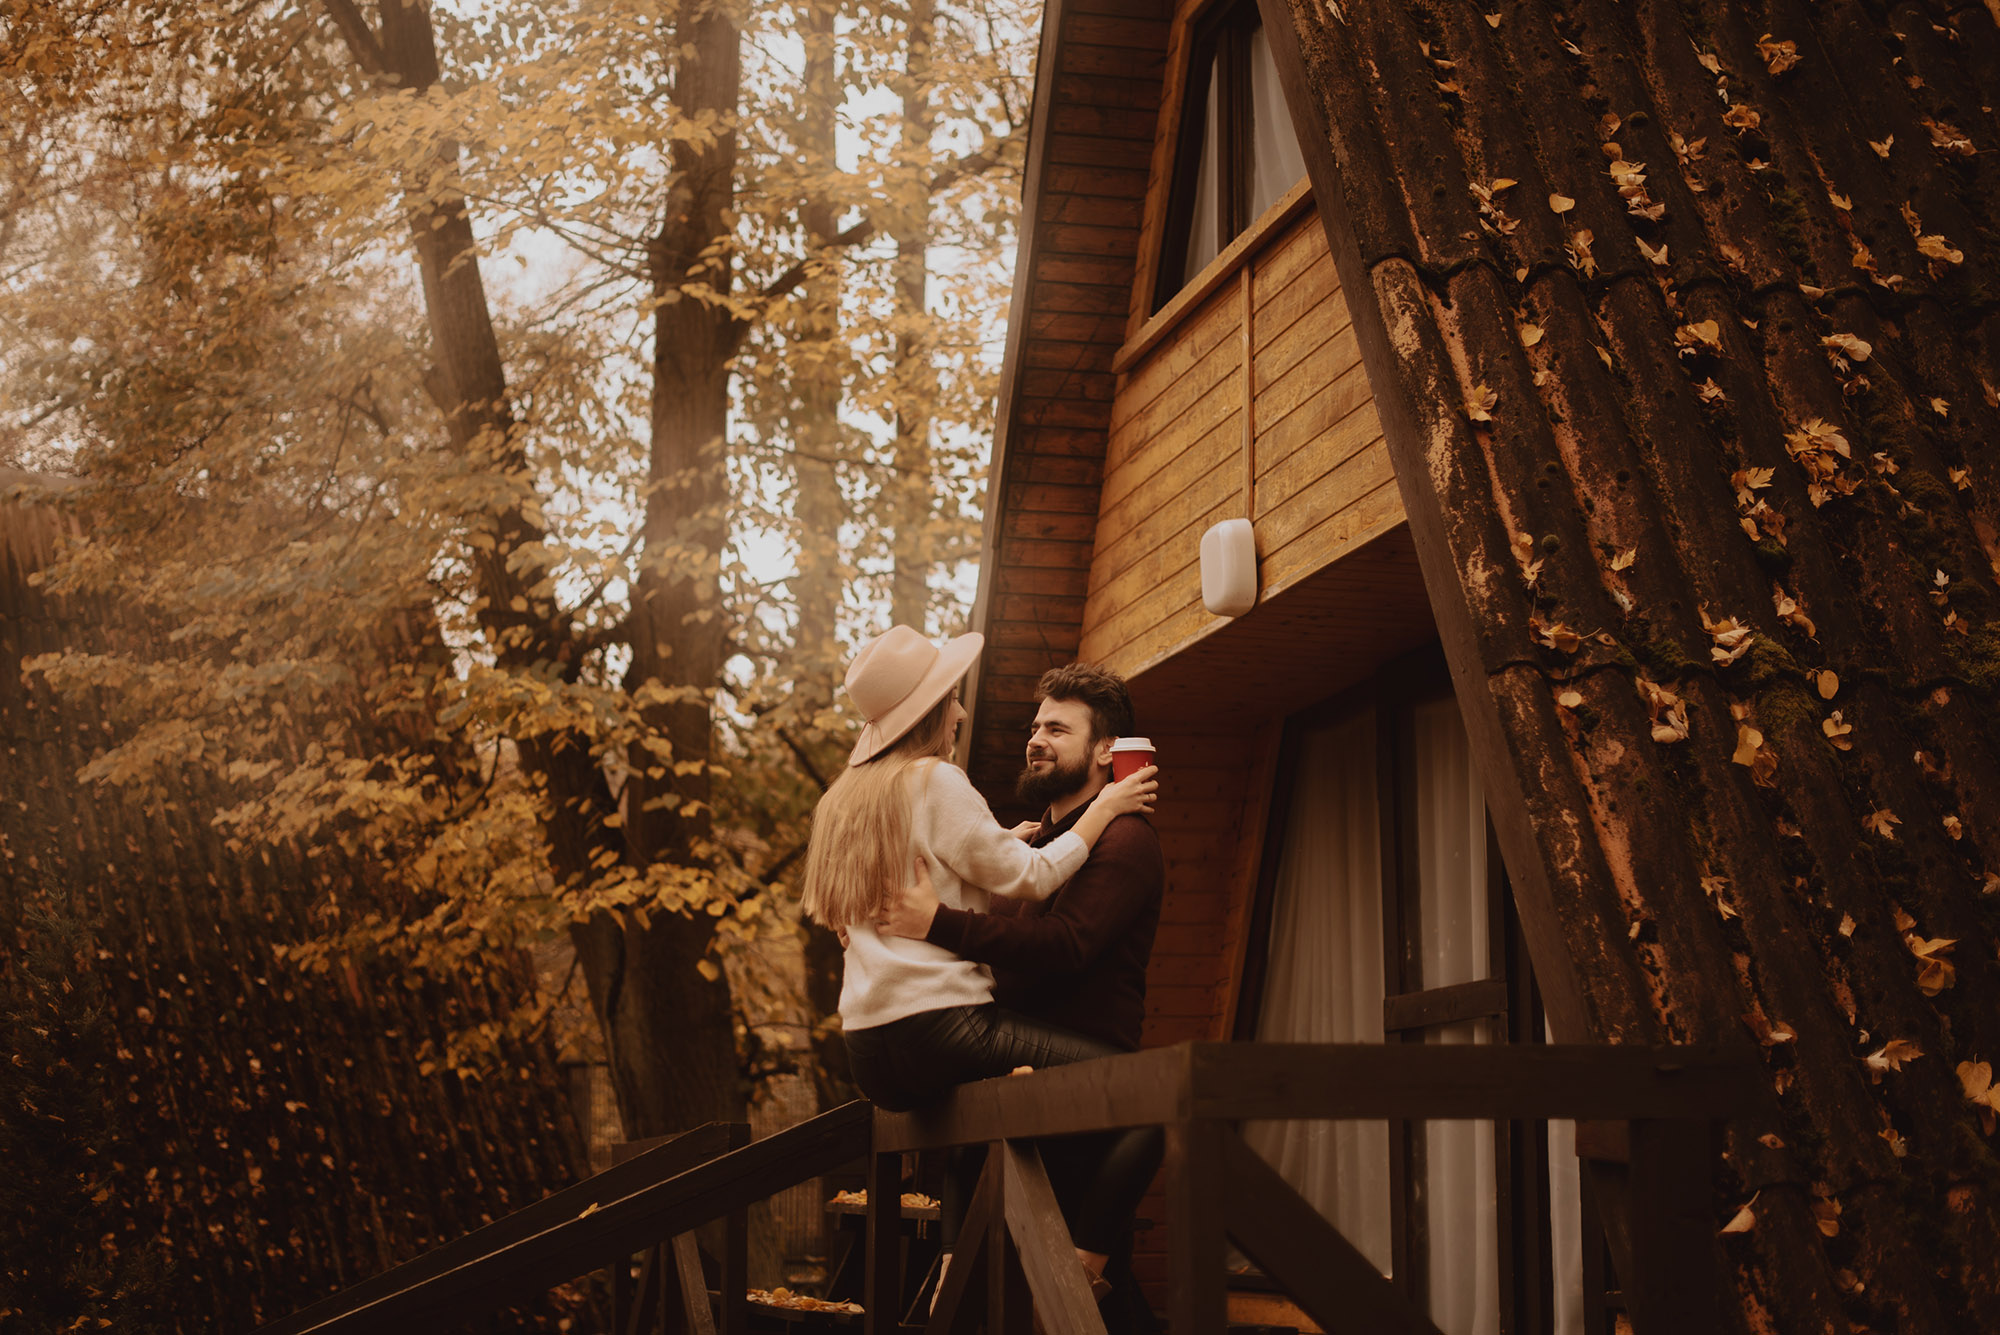 Jesienna sesja narzeczenska00004 - Jesienna sesja narzeczeńska